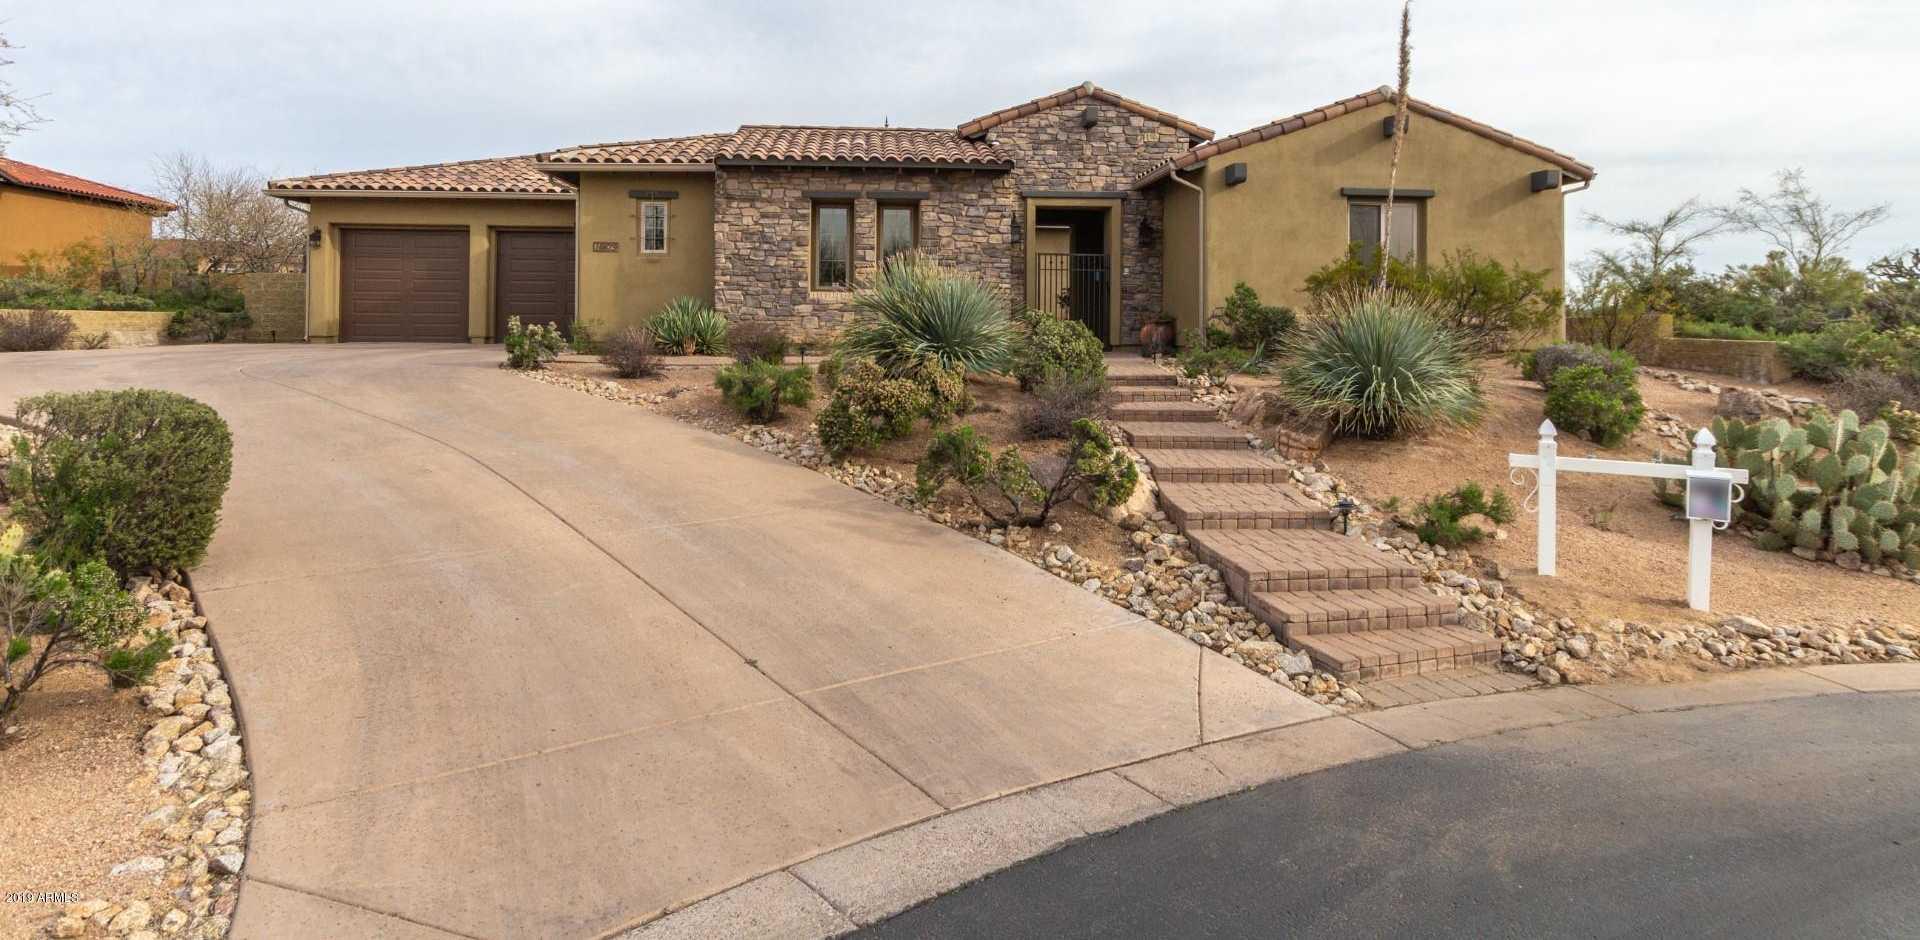 $999,000 - 5Br/6Ba - Home for Sale in Mirabel Village, Scottsdale